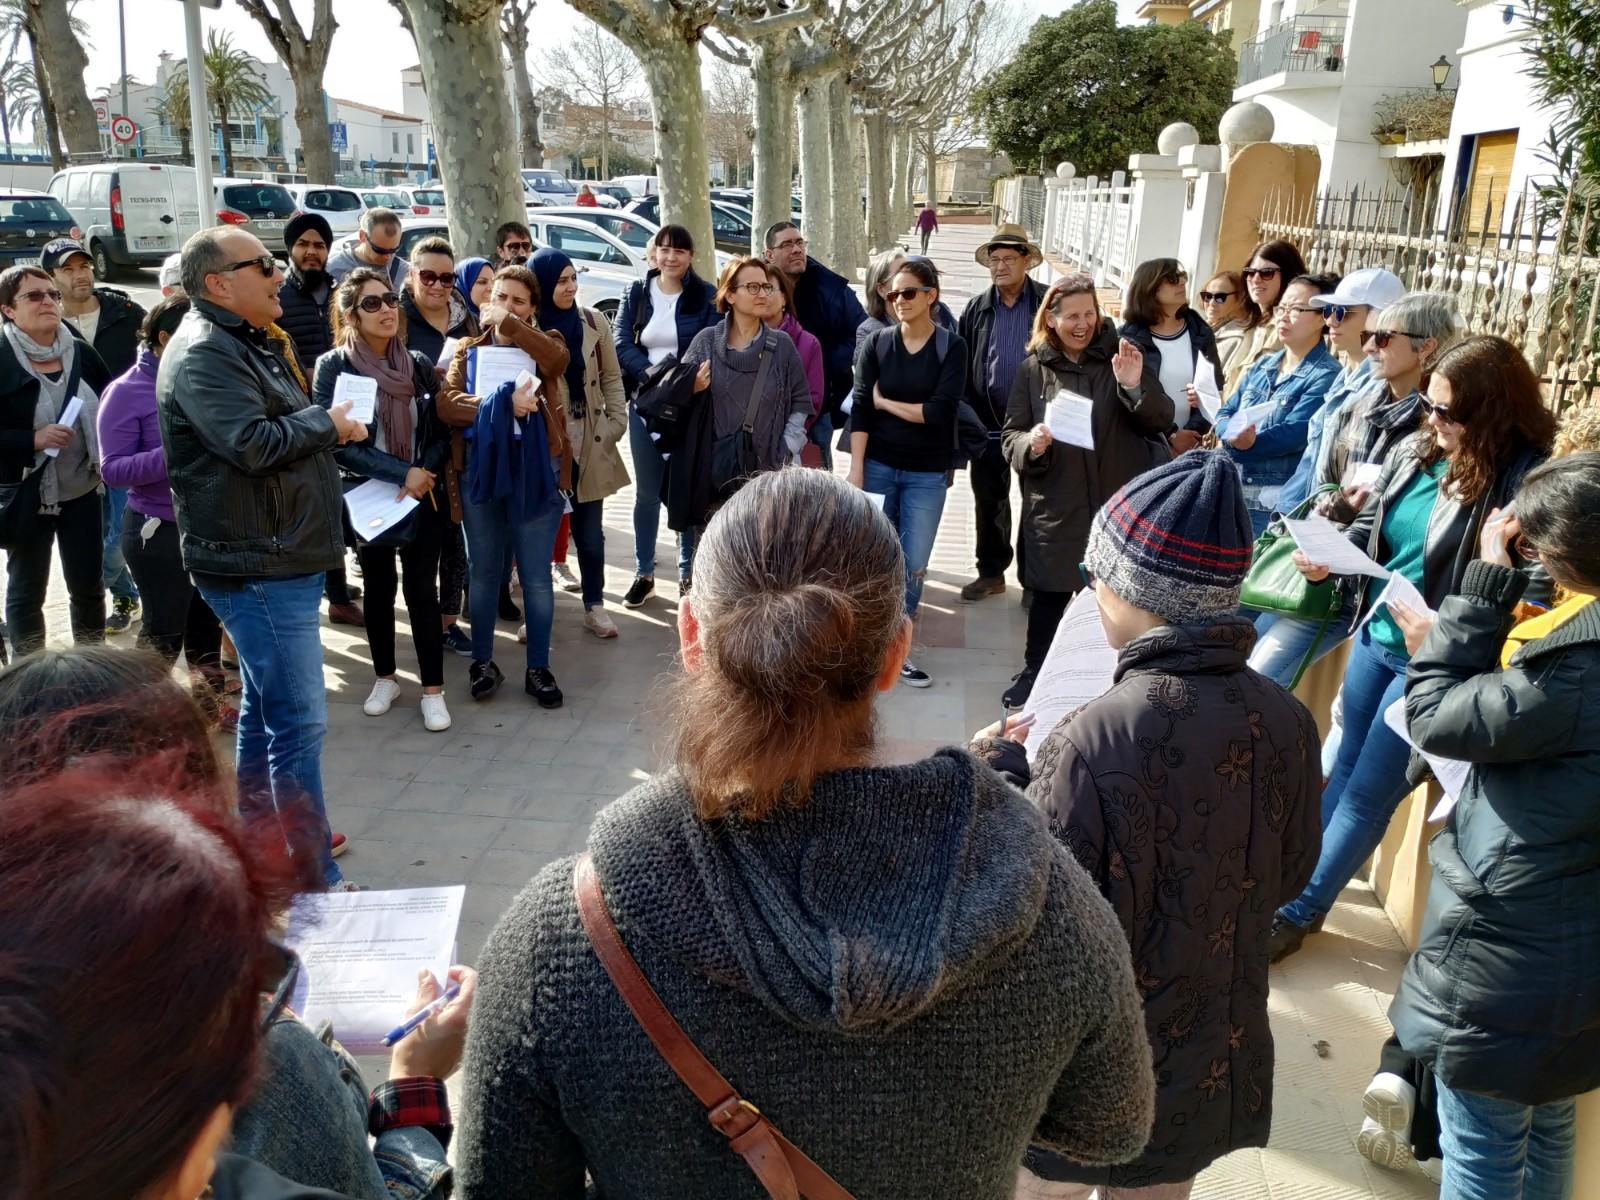 Els alumnes de català de Roses visiten els edificis patrimonials de la població